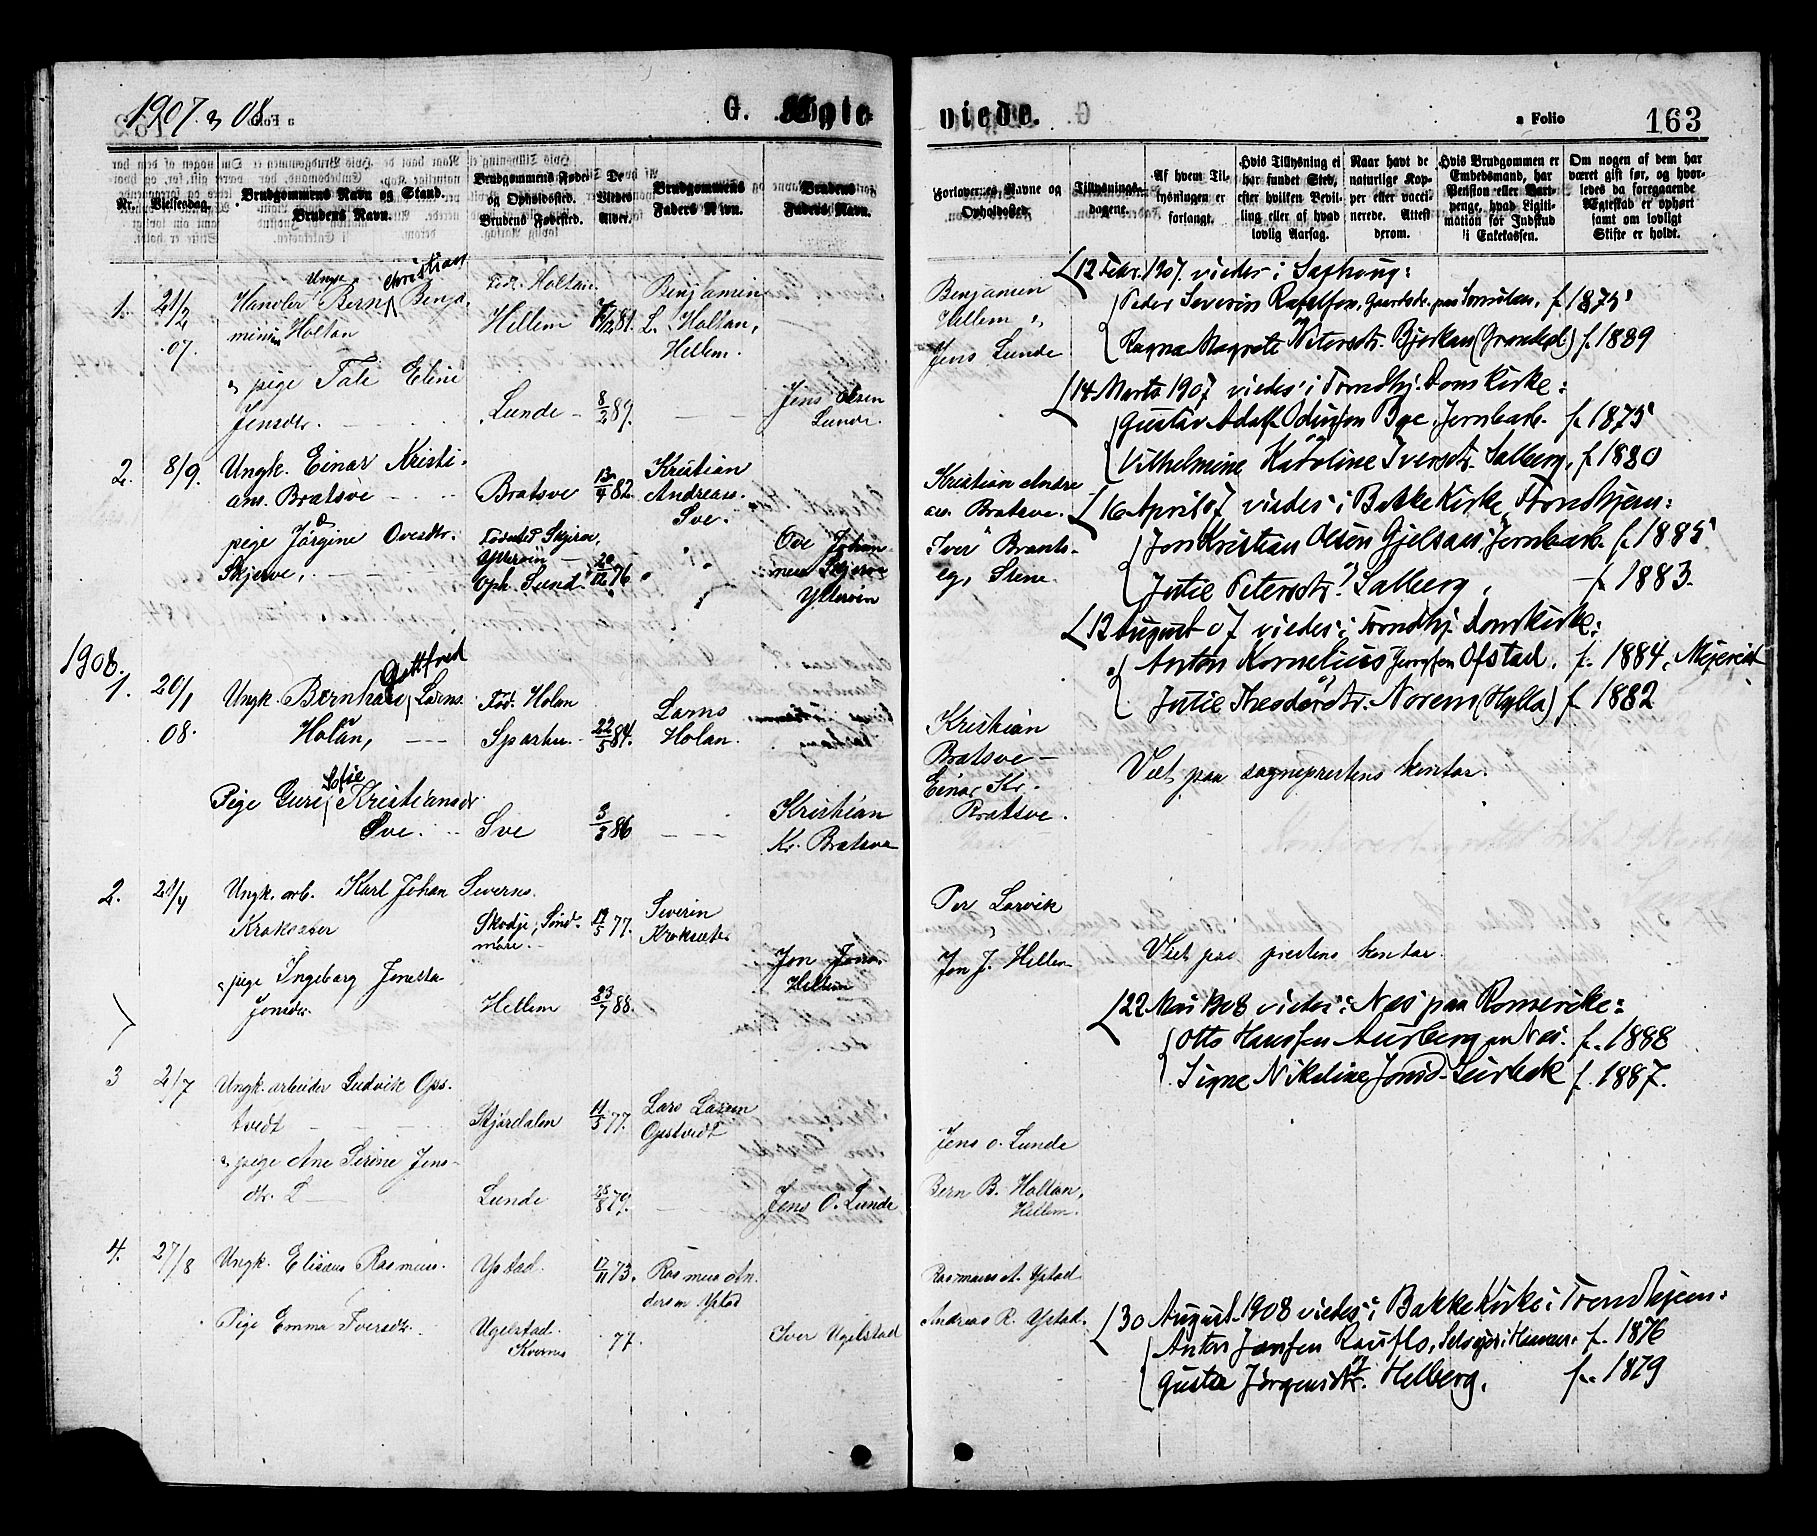 SAT, Ministerialprotokoller, klokkerbøker og fødselsregistre - Nord-Trøndelag, 731/L0311: Klokkerbok nr. 731C02, 1875-1911, s. 163